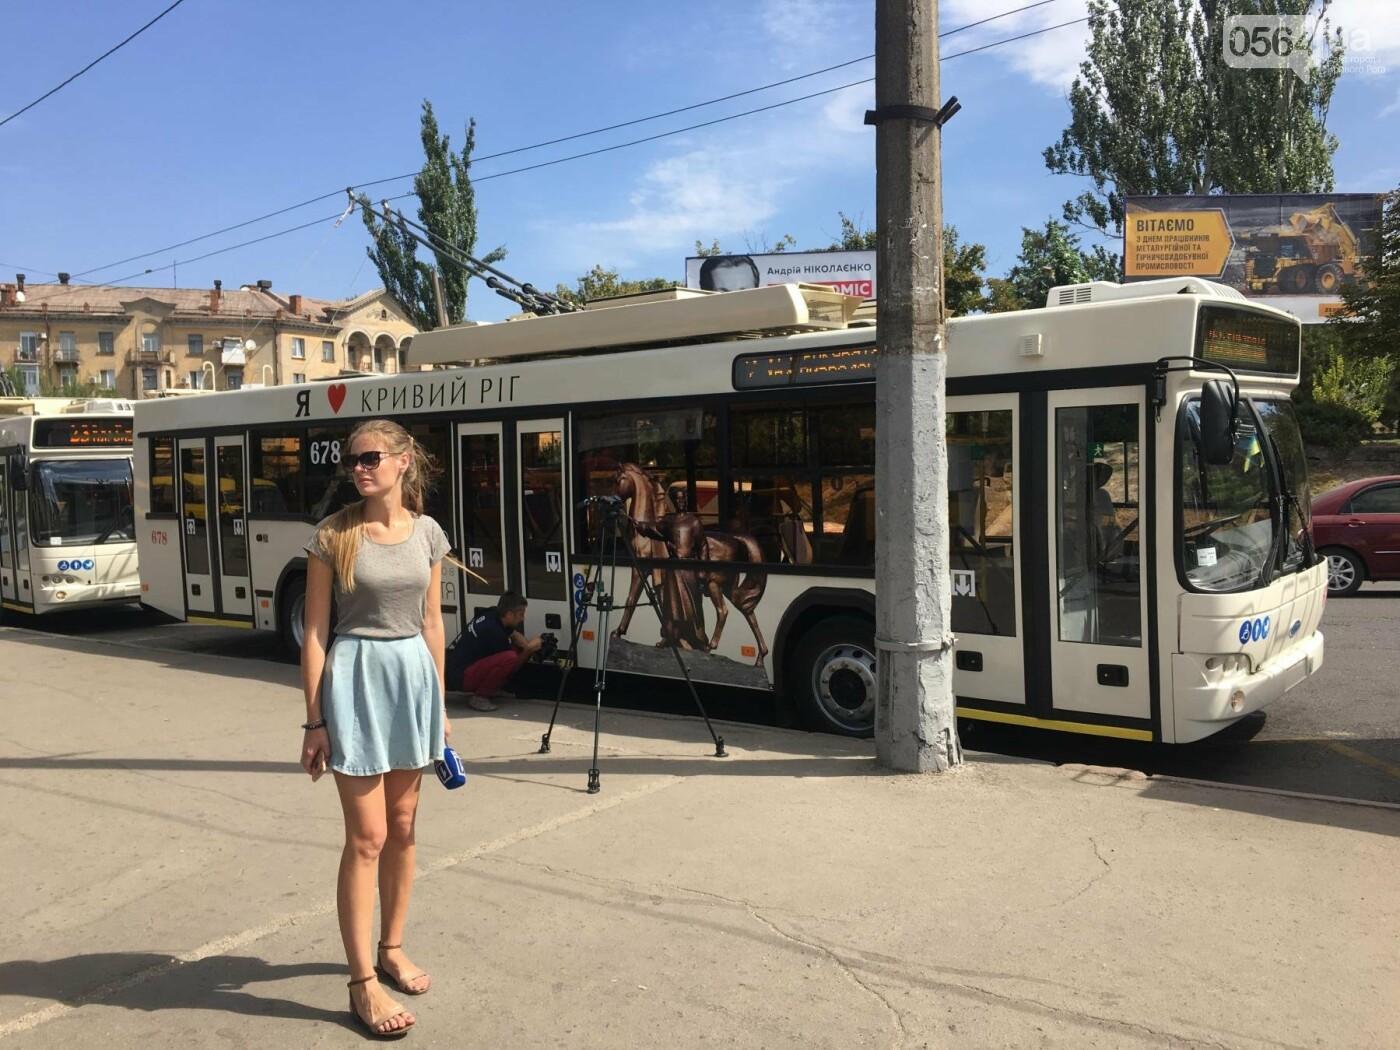 В Кривом Роге выпустили на линию новые троллейбусы и уже думают, как и сохранить их белыми и чистыми, - ФОТО, ВИДЕО, фото-33